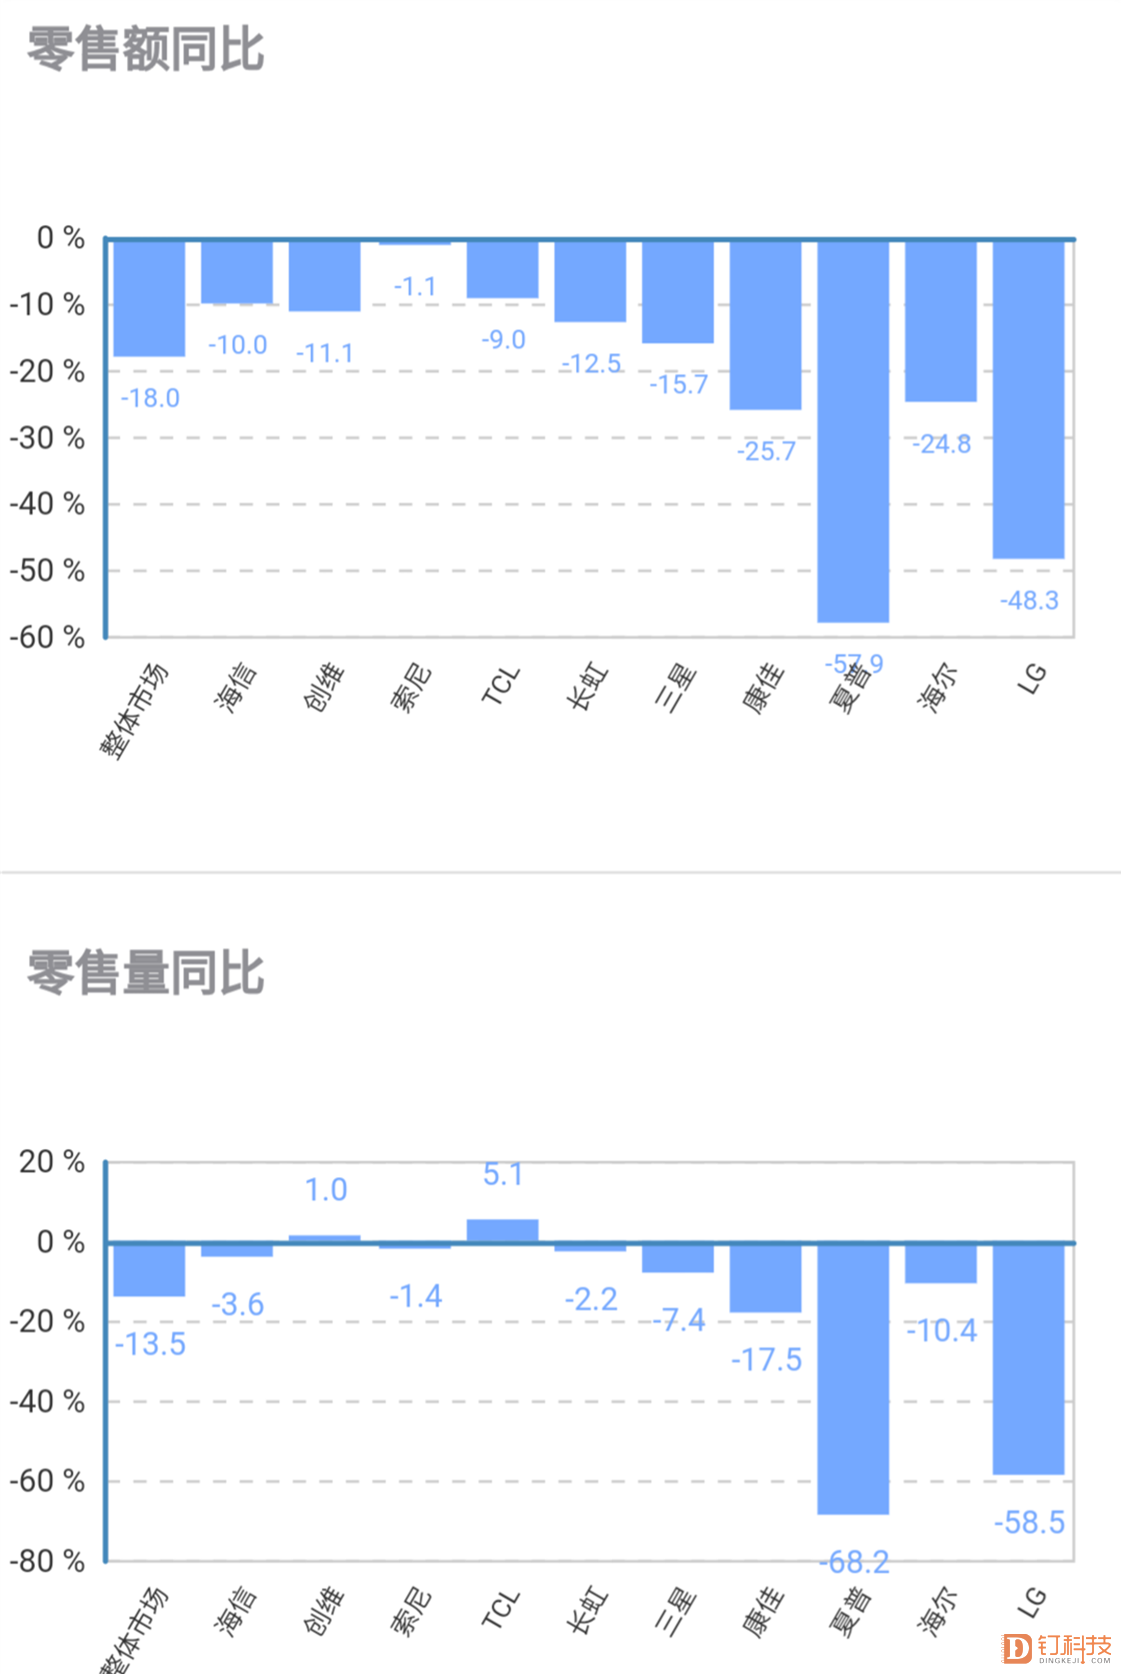 11月彩电线下市场继续下行,夏普、LG降幅较大